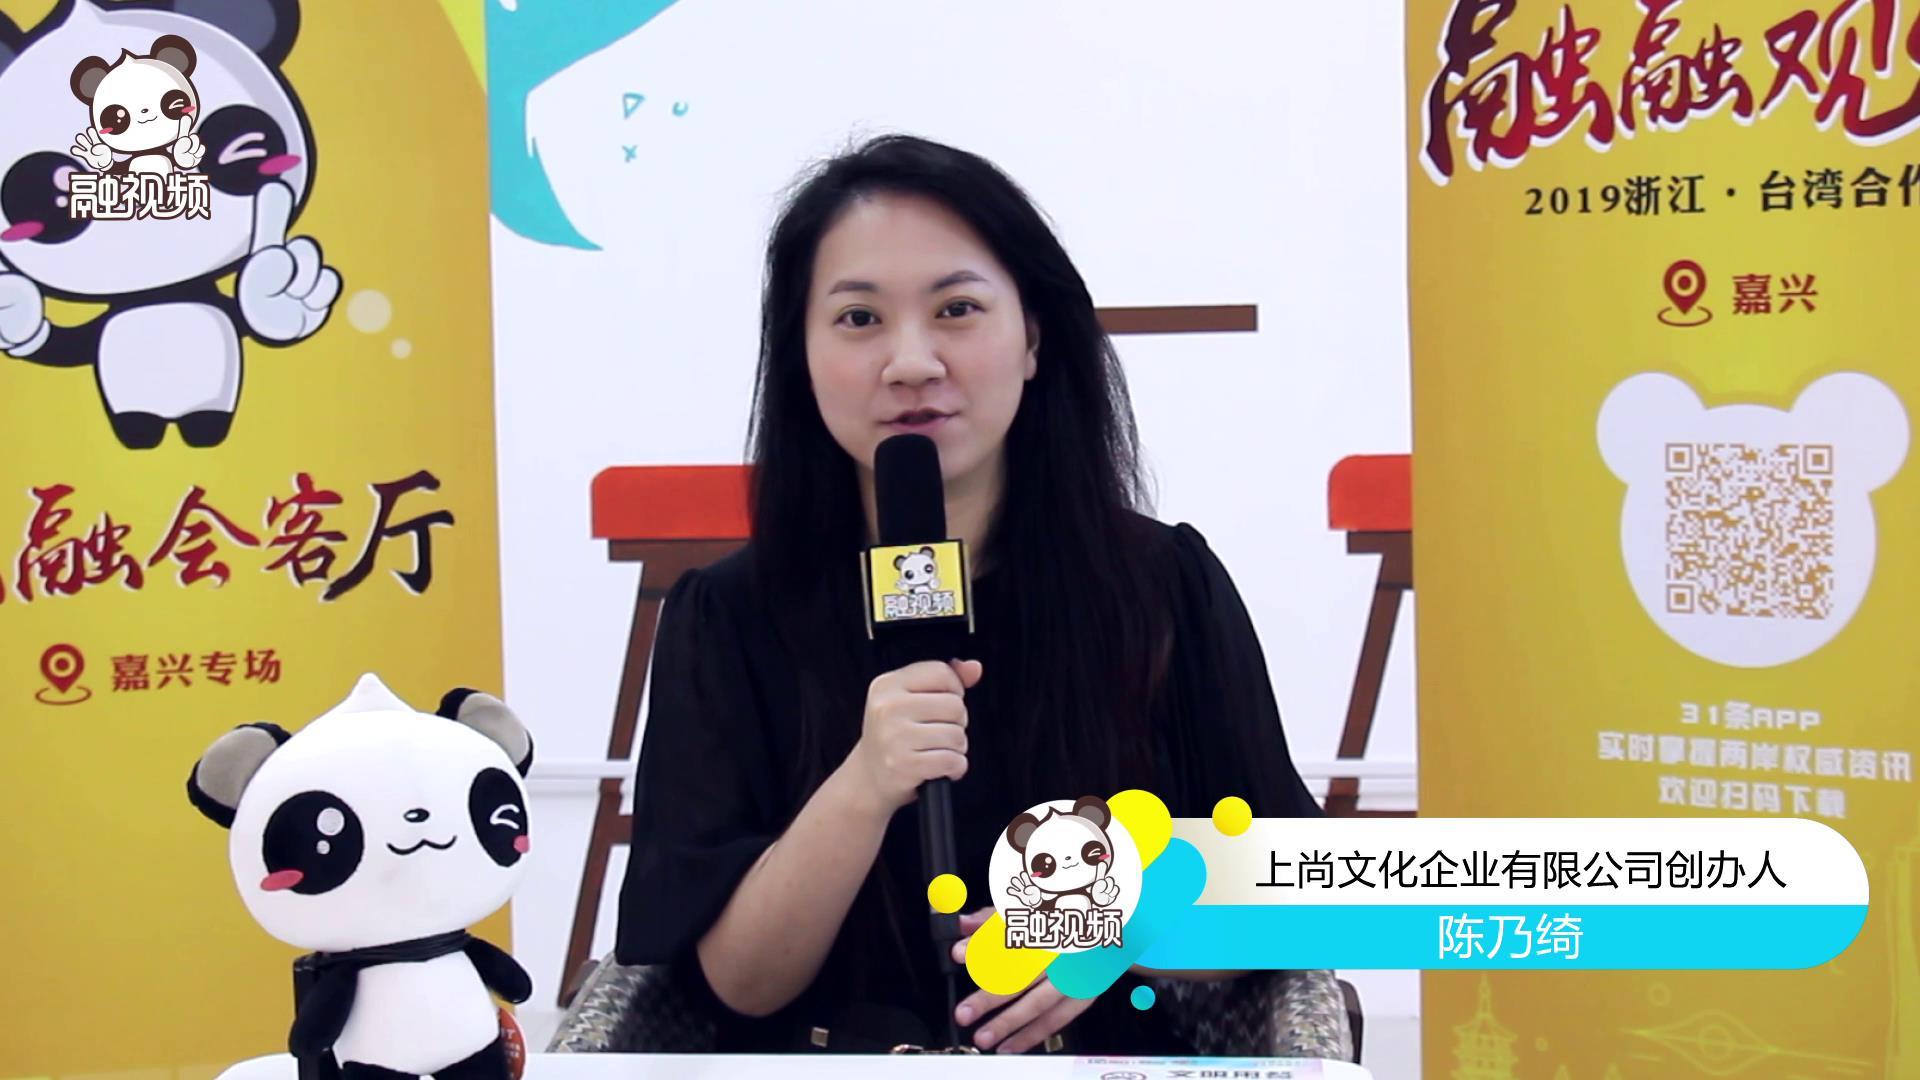 融融专访上尚文化企业有限公司创办人陈乃绮图片